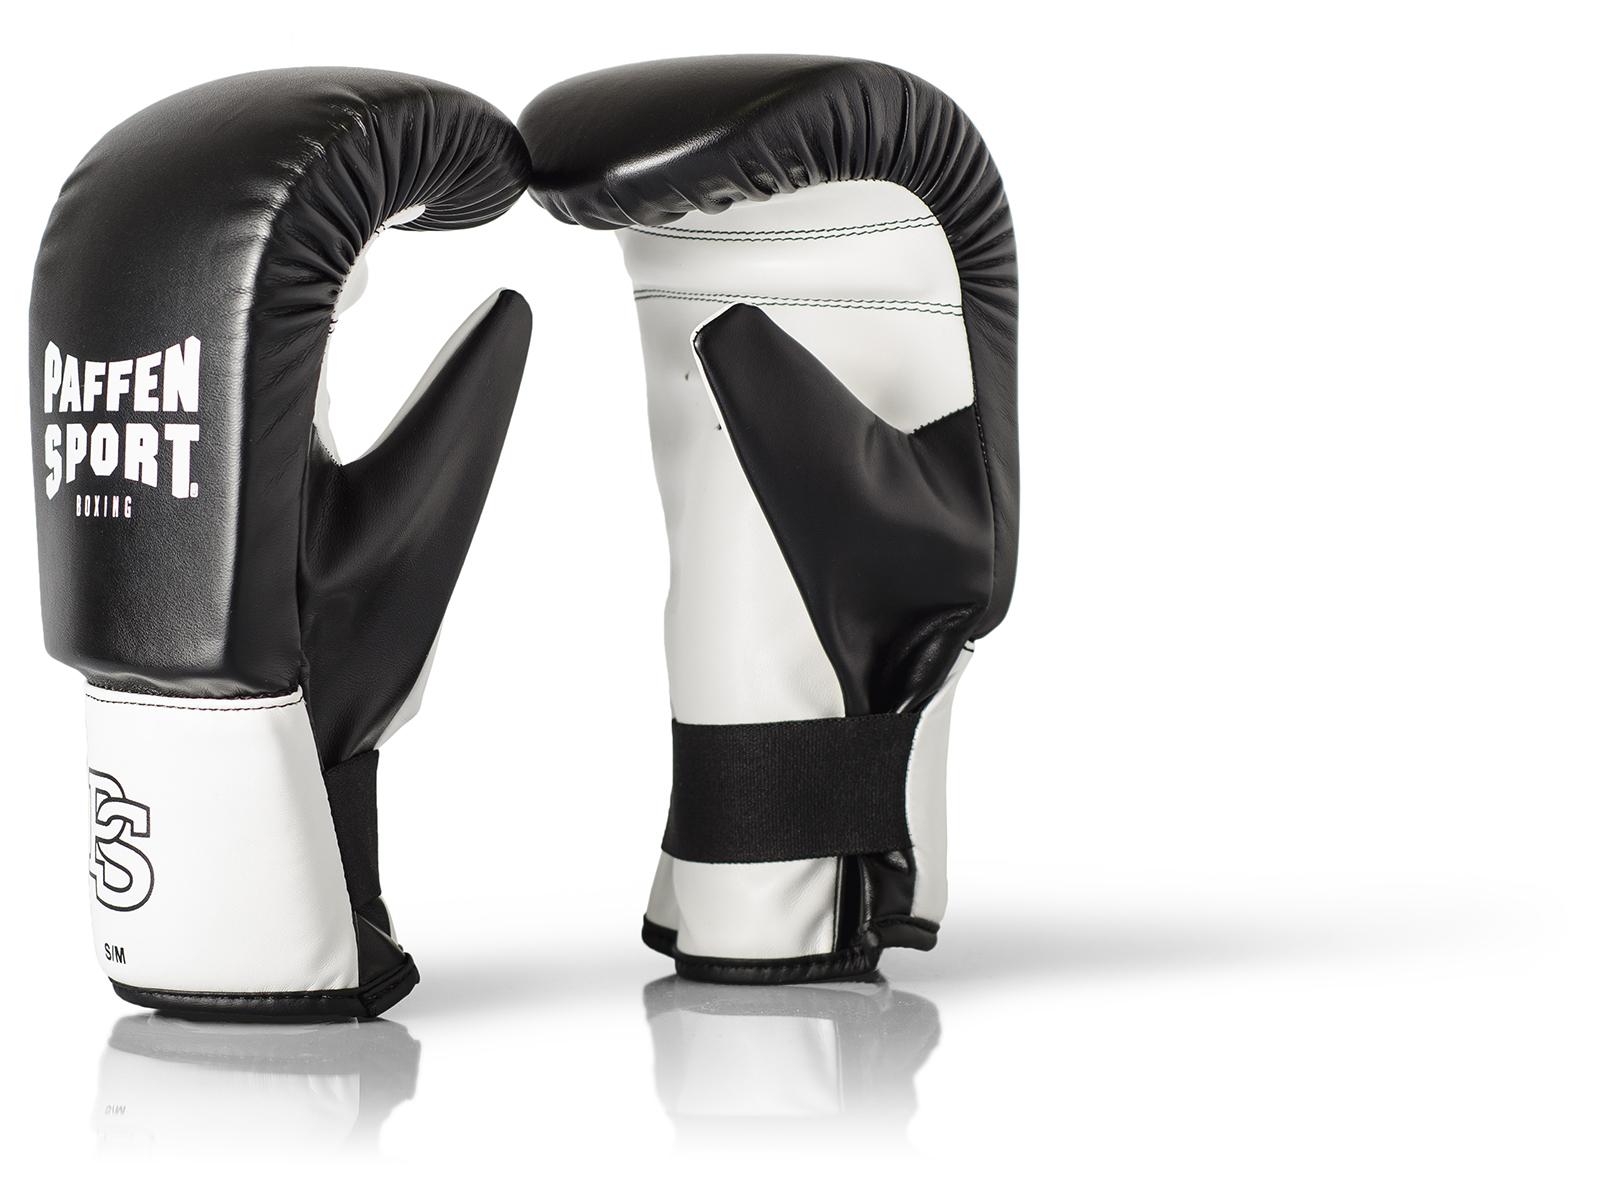 Снарядные перчатки из кожзаменителя Paffen sport